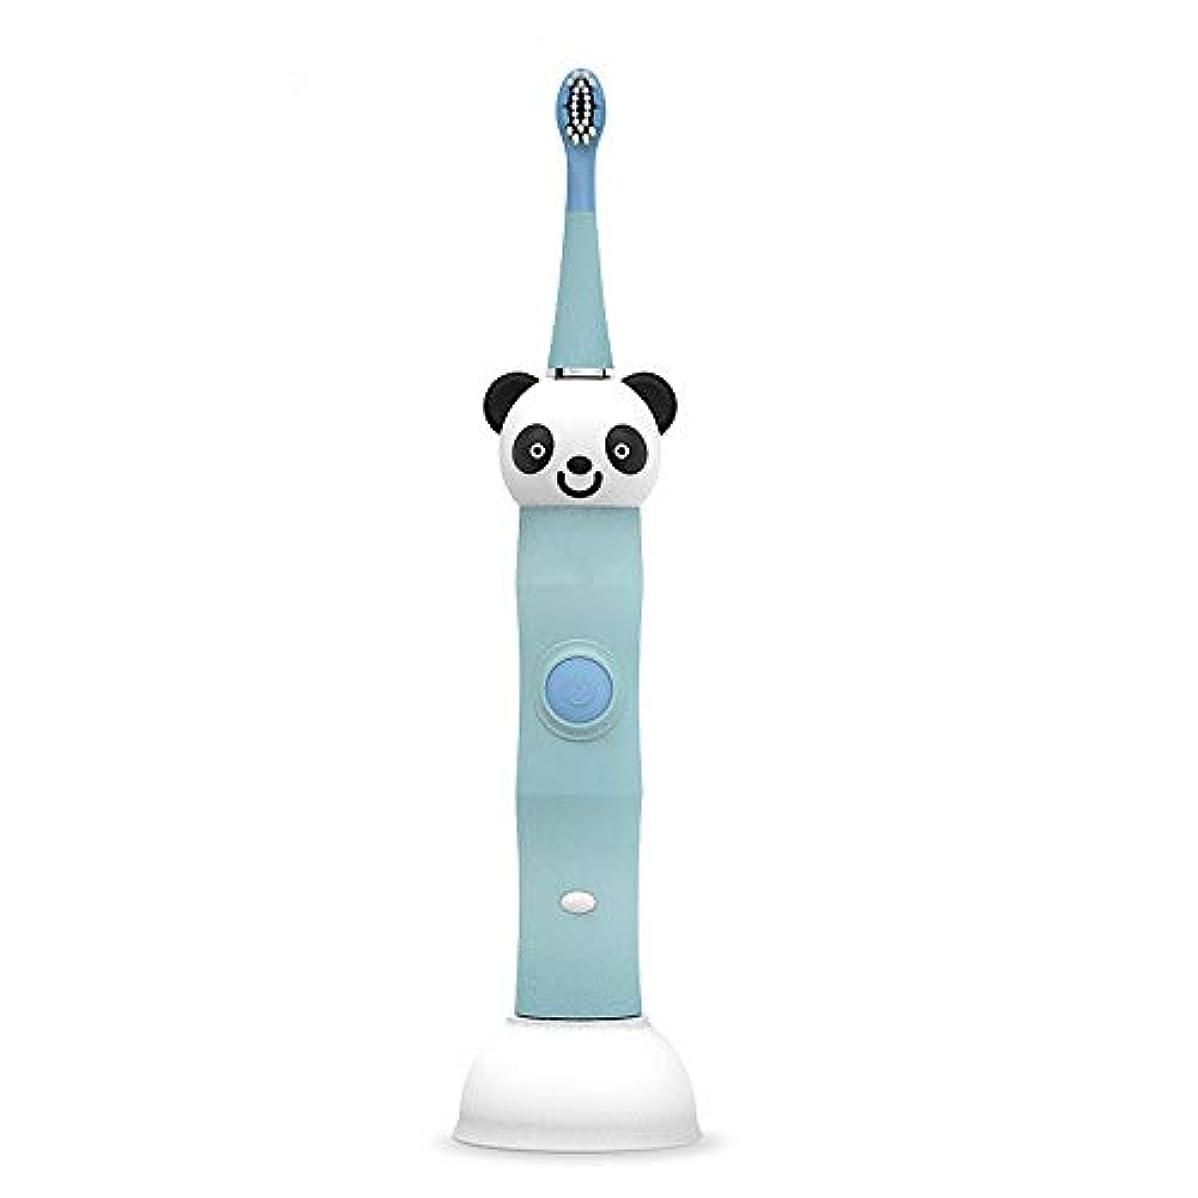 規制ミント群衆電動歯ブラシ 毎日の使用のためのUSBの充満基盤の柔らかい毛のきれいな歯ブラシと防水子供の電動歯ブラシ 大人と子供向け (色 : 青, サイズ : Free size)